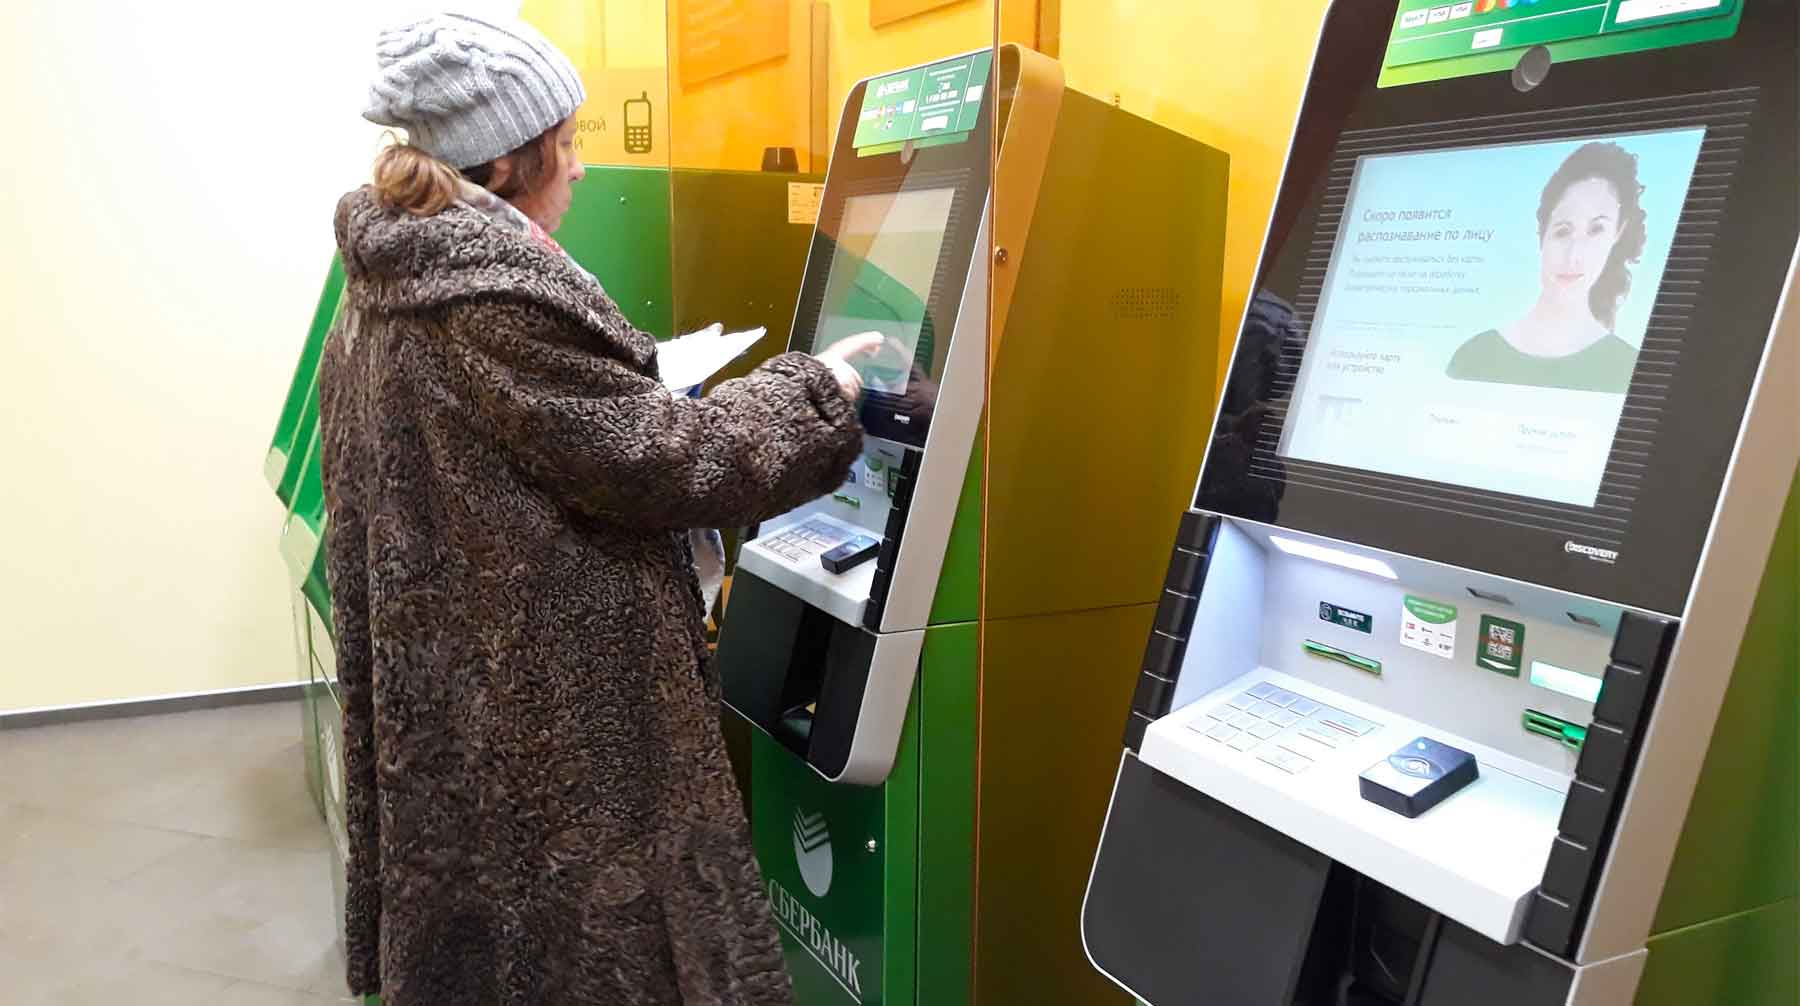 кредитная карта сбербанка отзывы форум